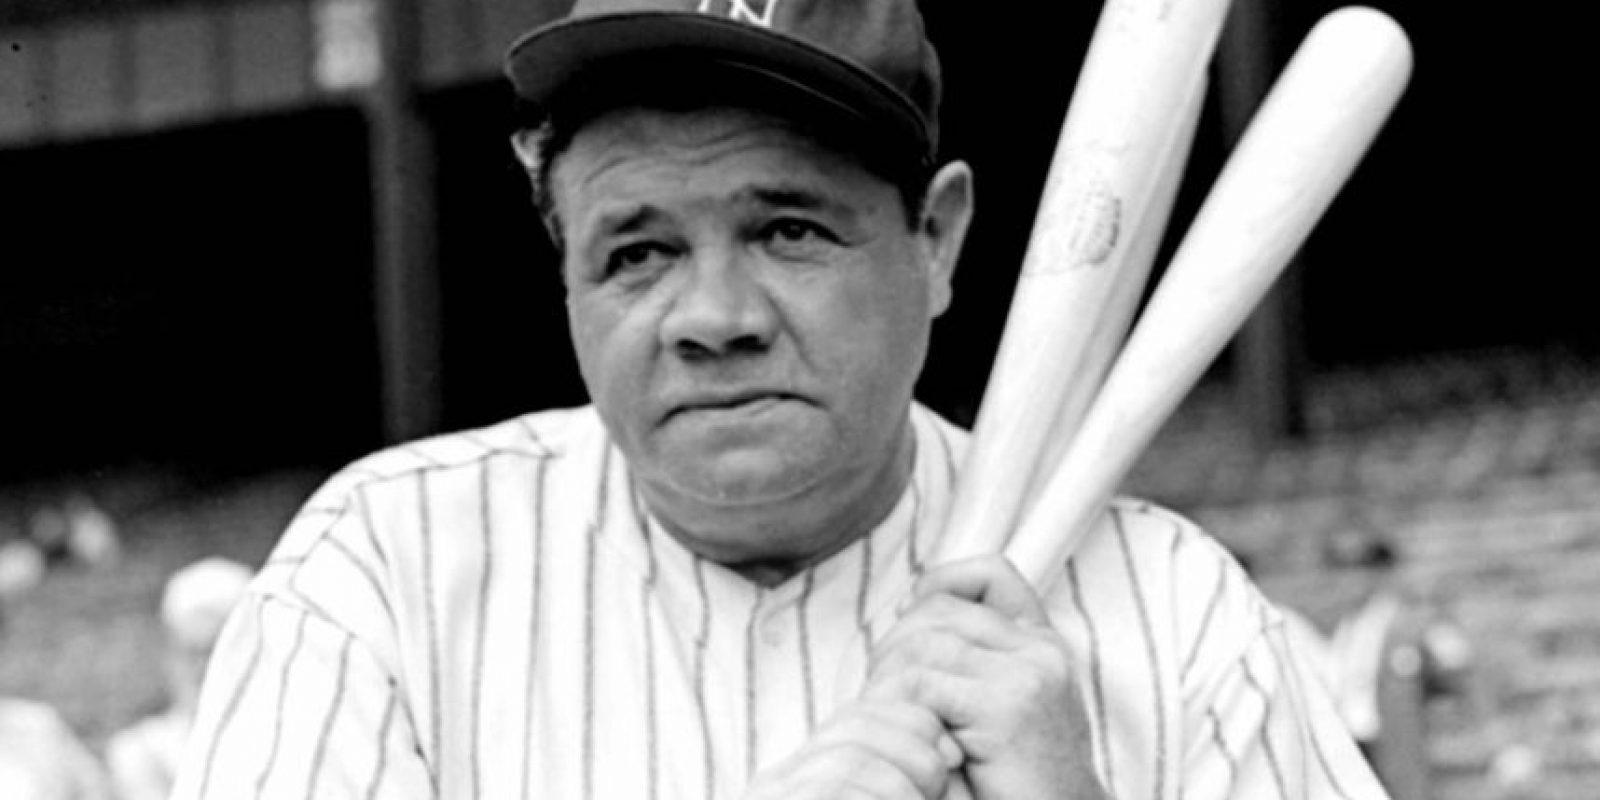 4- Babe Ruth. Es reconocido como el símbolo del béisbol de las Grandes Ligas, miembro del Salón de la Fama de Cooperstown. Este zurdo inició su carrera como lanzador; en esta labor tuvo marca de 94-46, con efectividad de 2.28, pero se destacó principalmente como bateador. En esta función disparó 714 cuadrangulares (tercero de todos los tiempos) con 2,213 remolcadas (tercero) y promedio de .342 (octavo). Foto:Fuente externa